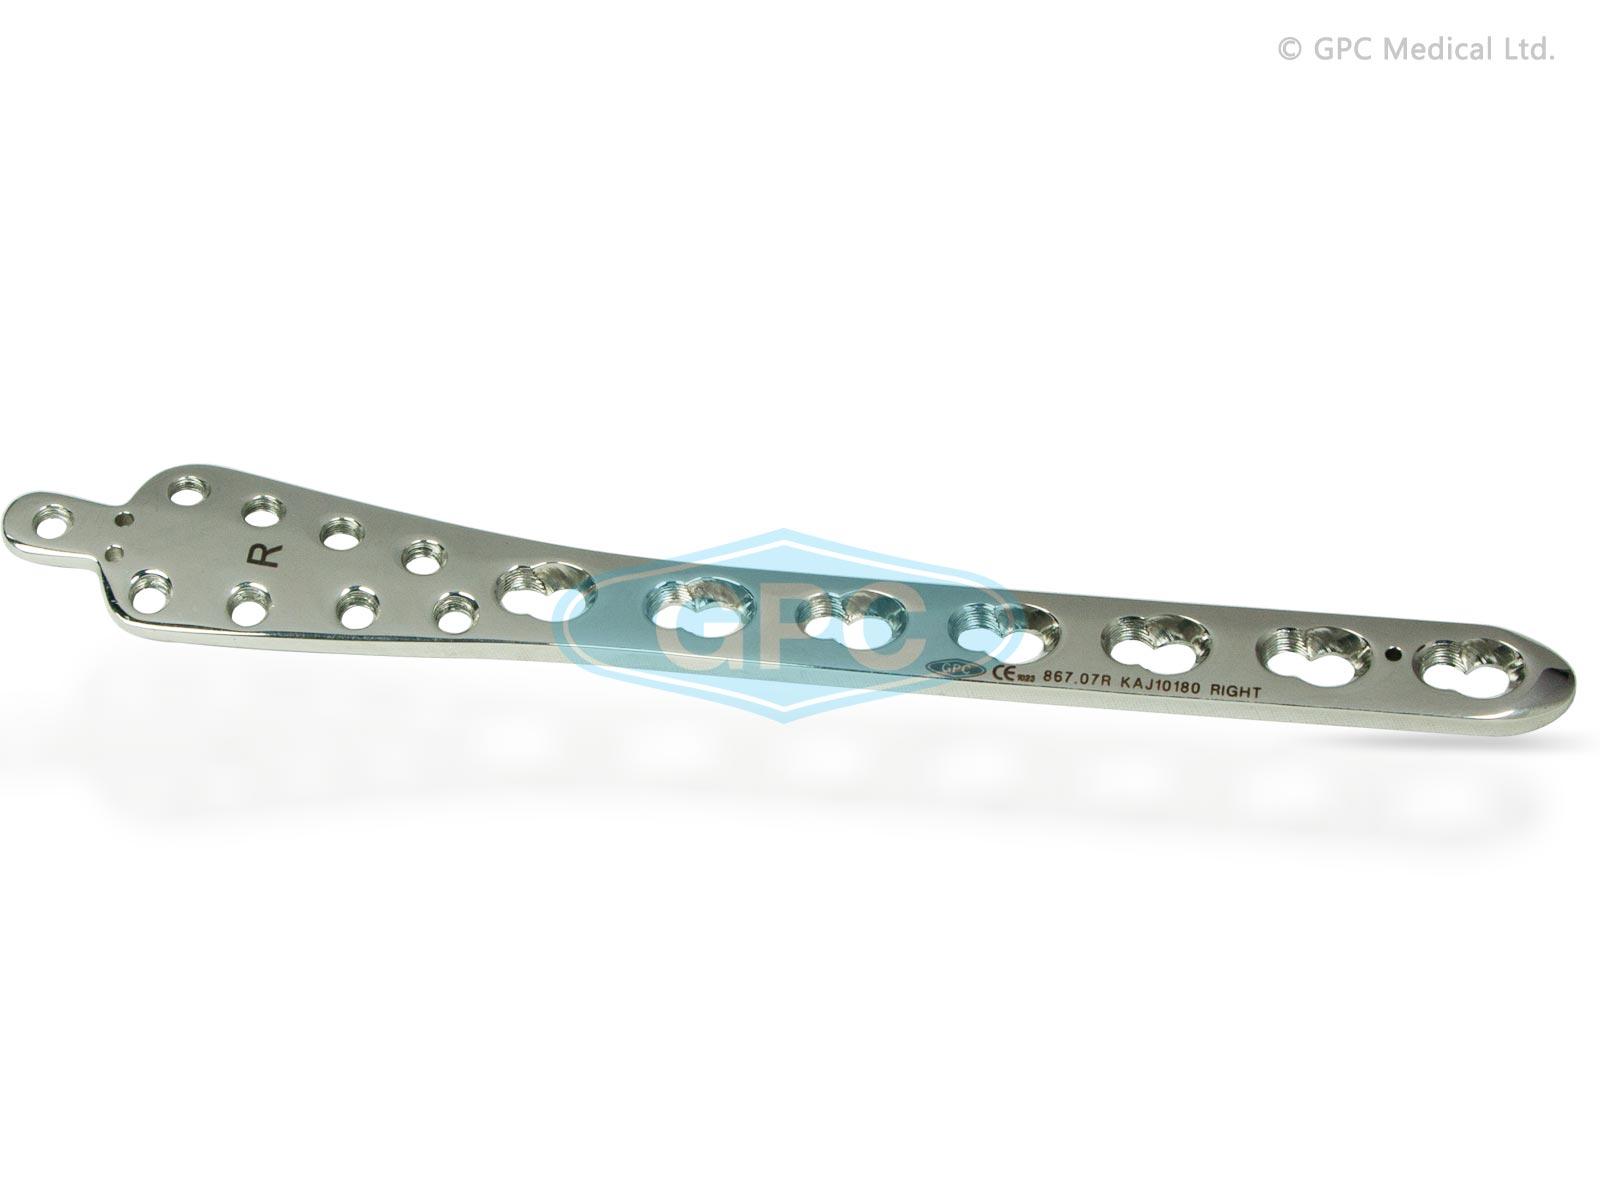 Plaque de verrouillage pour l'extrémité du tibia distal interne